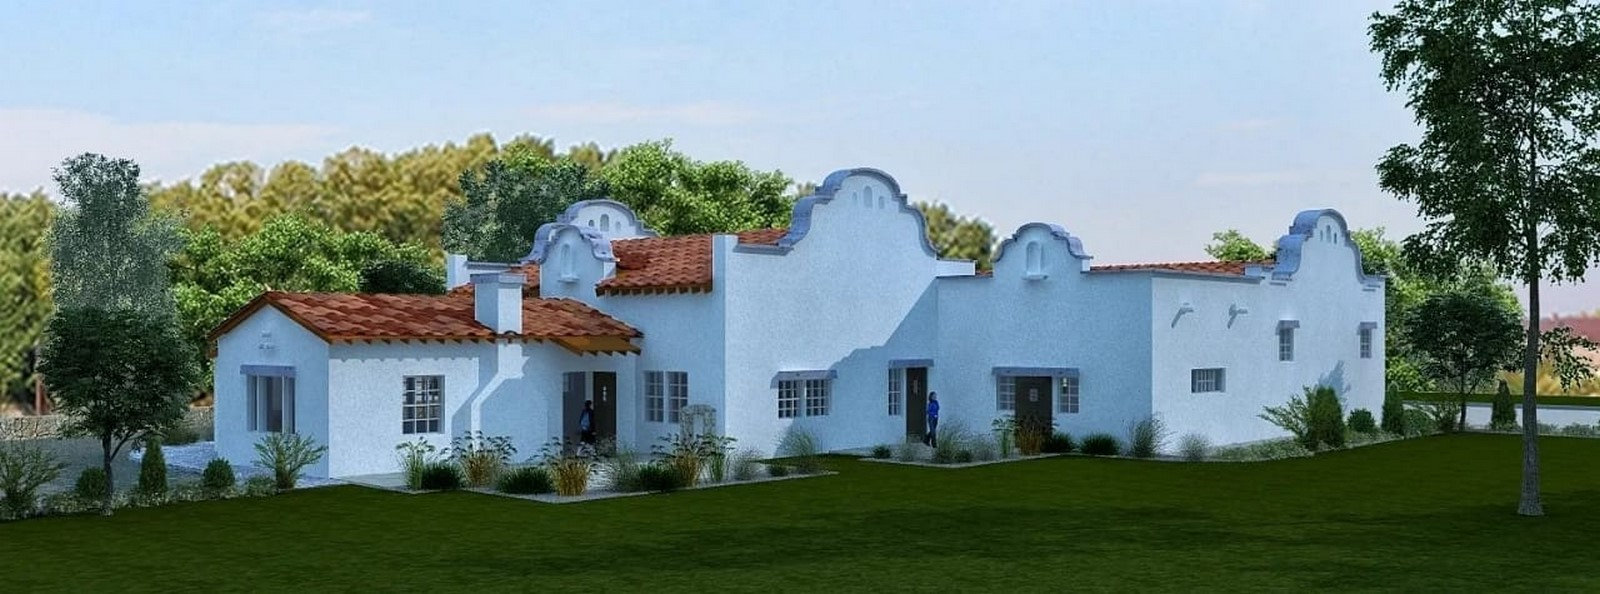 Architects in El Paso - Top 30 Architects in El Paso - Sheet5